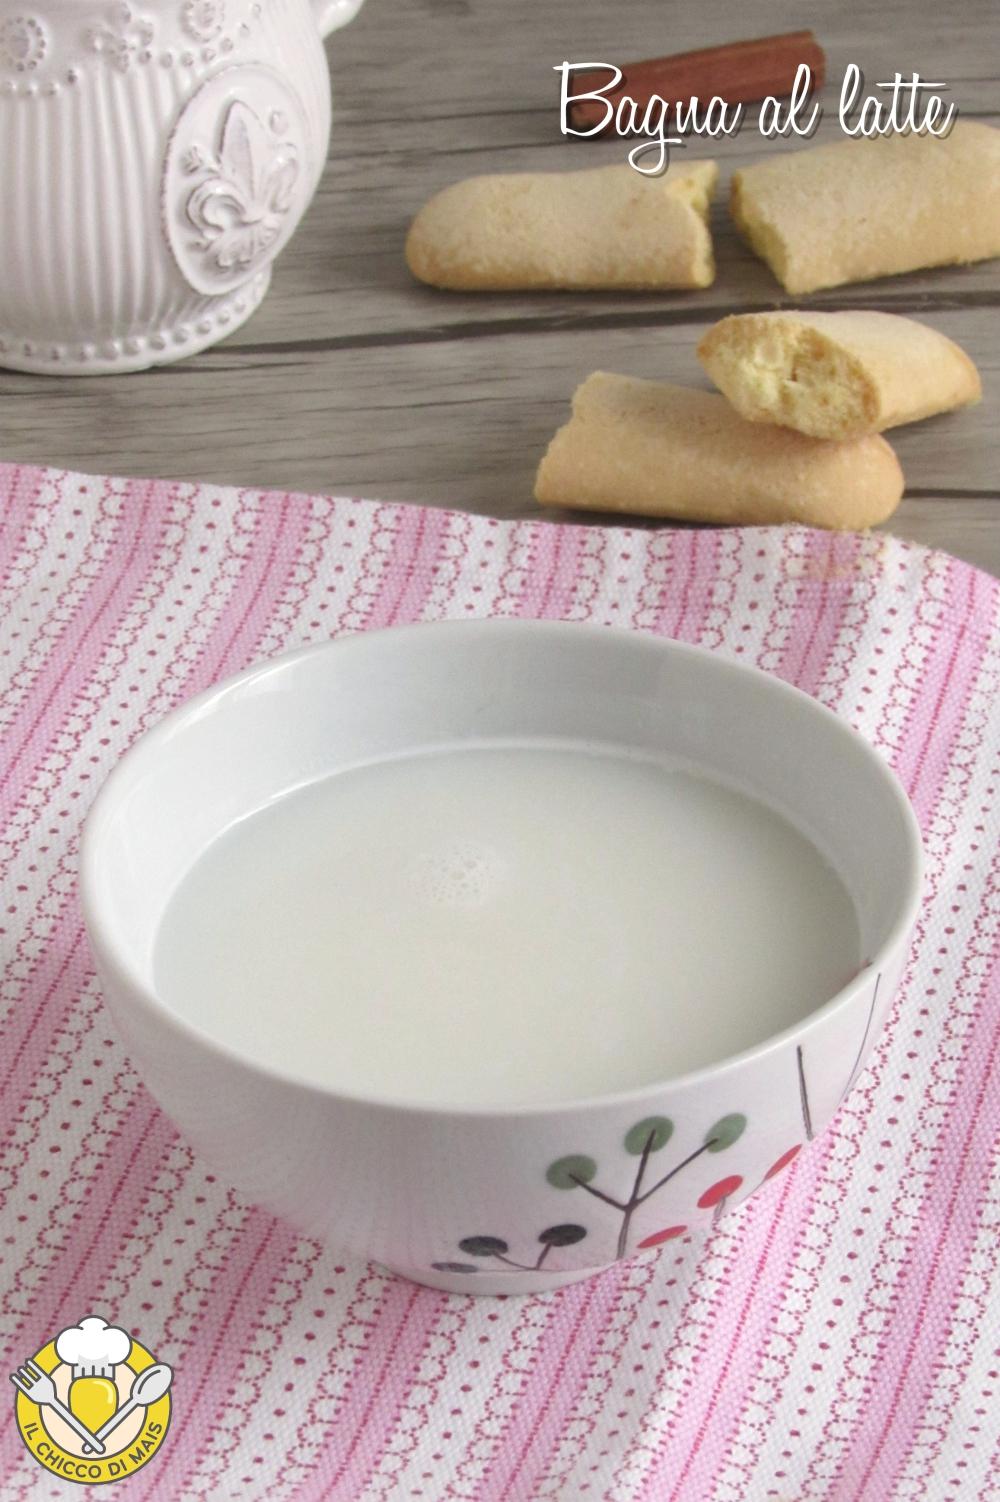 v_ bagna al latte per torte e tiramisù ricetta facile bagna analcolica alla vaniglia cioccolato cannella limone arancioa o altro il chicco di mais